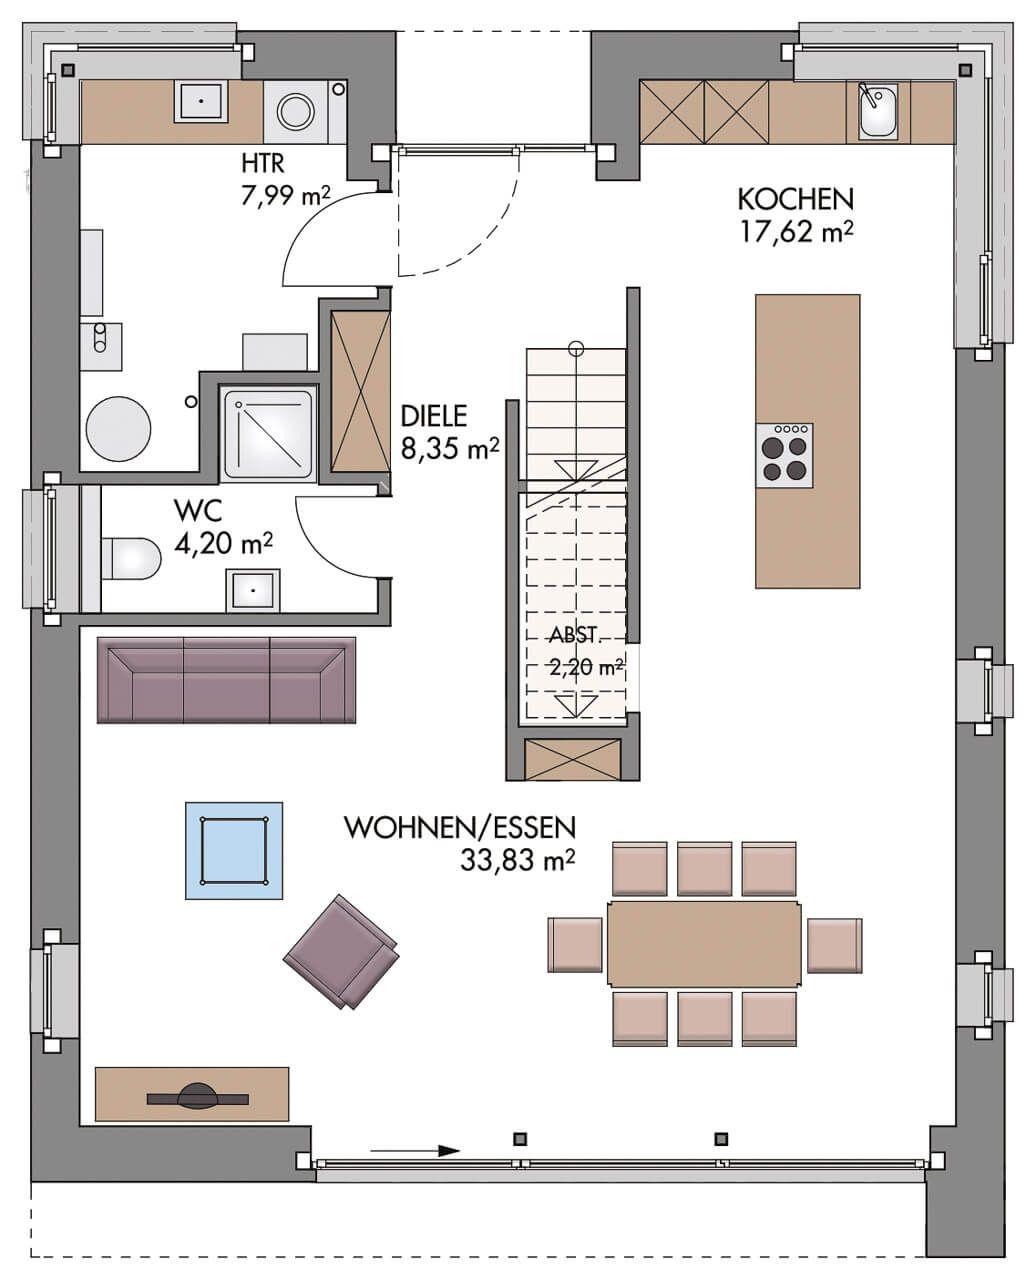 Einfamilienhaus Grundriss Erdgeschoss Modern Küche Offen Mit Kücheninsel U0026  Treppe Gerade   Hausbau Ideen ECO Vario